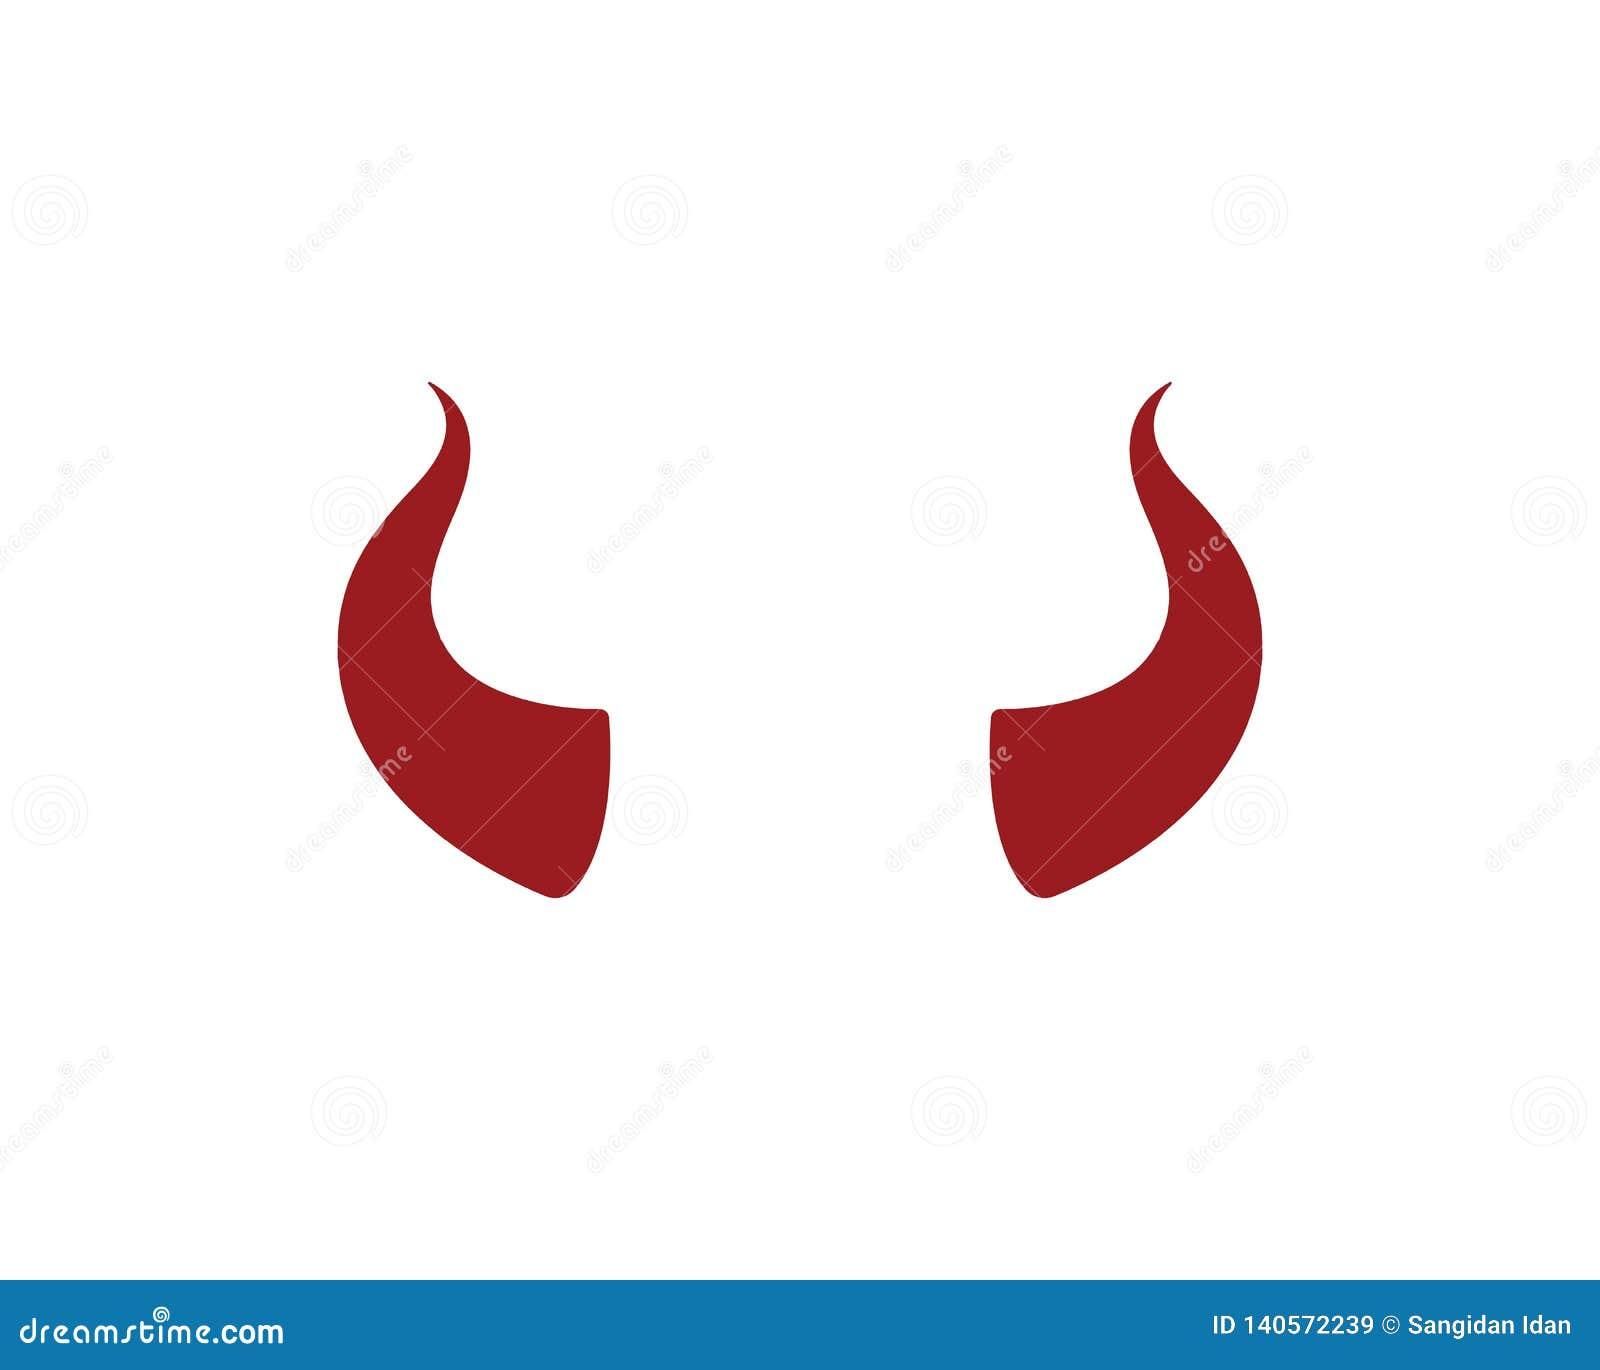 κέρατο διαβόλων, ζωικό διάνυσμα εικονιδίων λογότυπων κέρατων